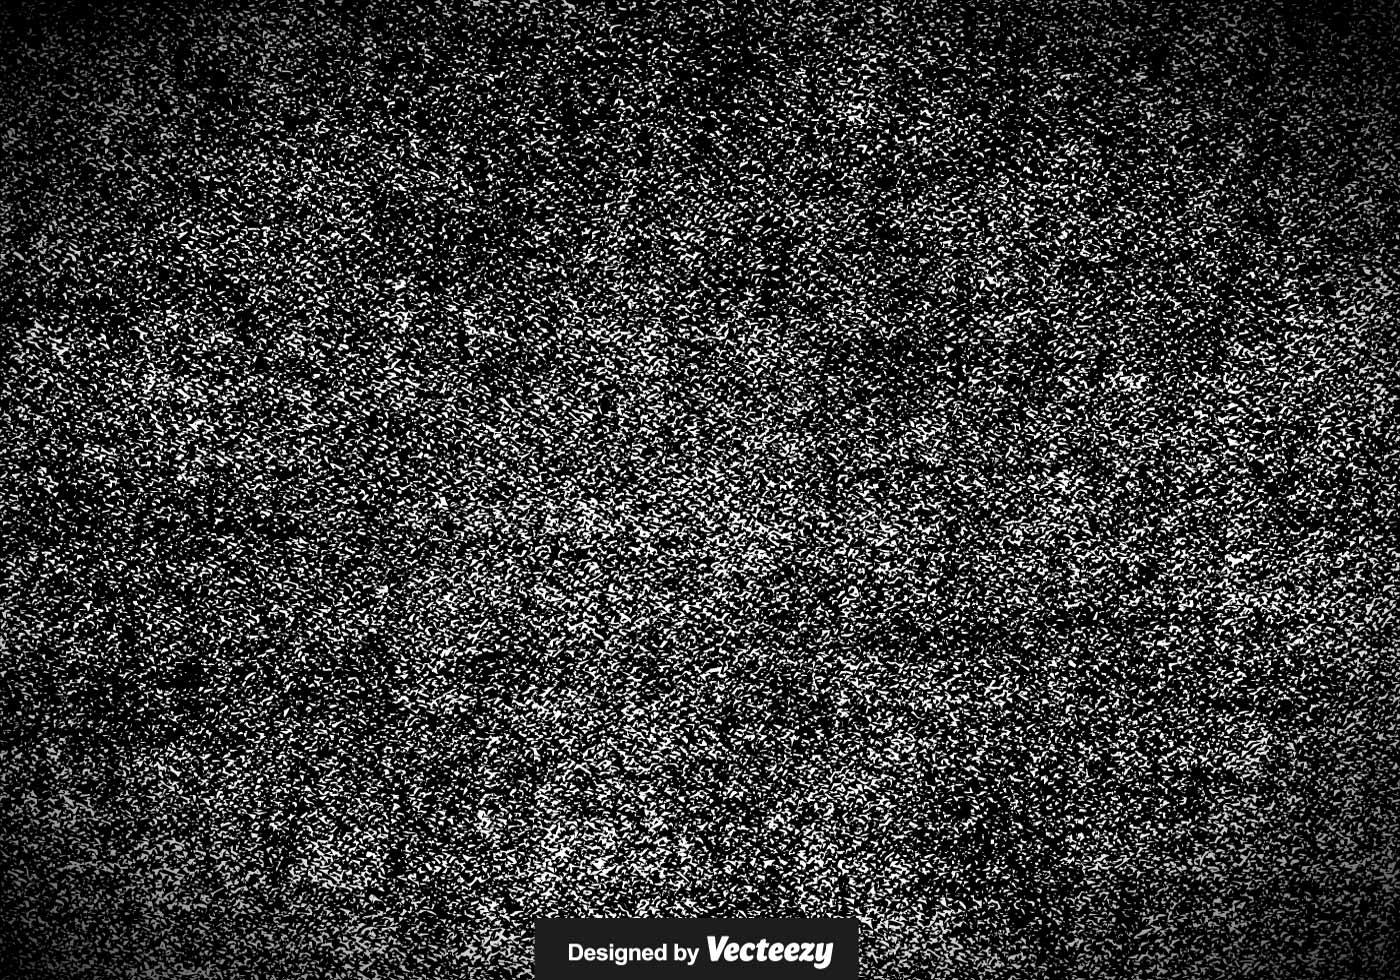 Vector Grunge Overlay Texture Download Free Vector Art